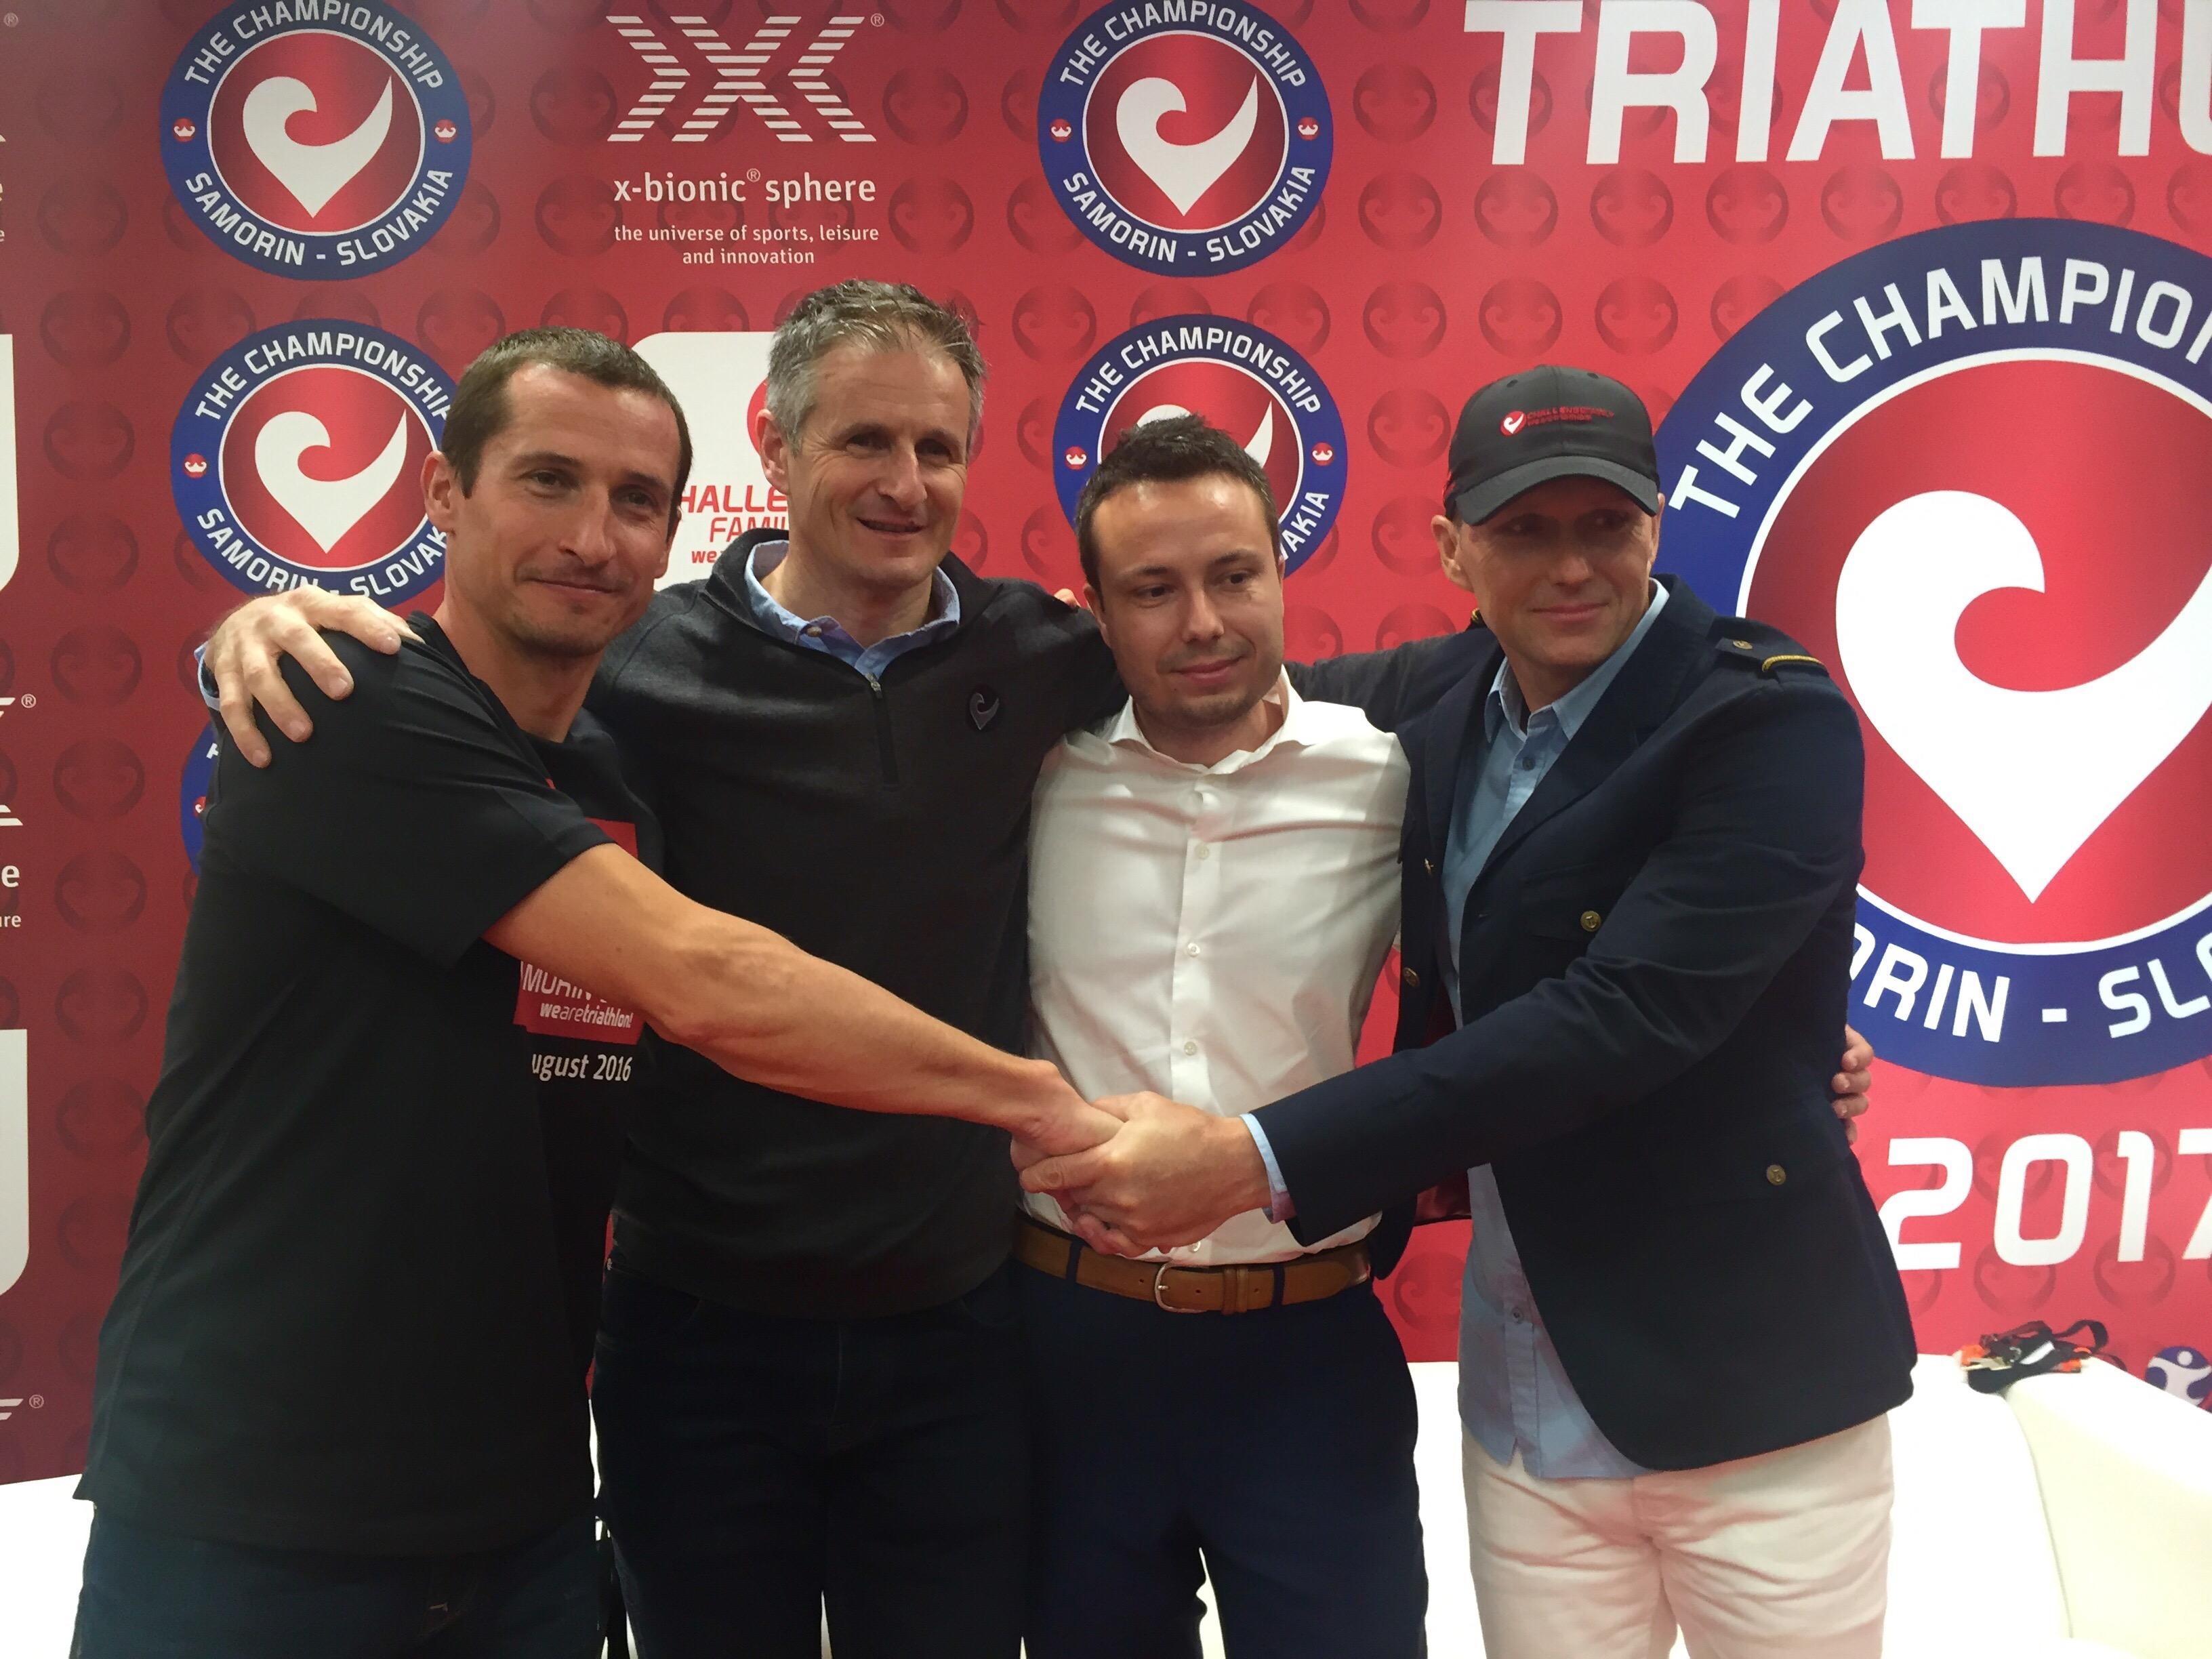 Challenge lance un championnat du monde half distance pour les professionnels et les amateurs